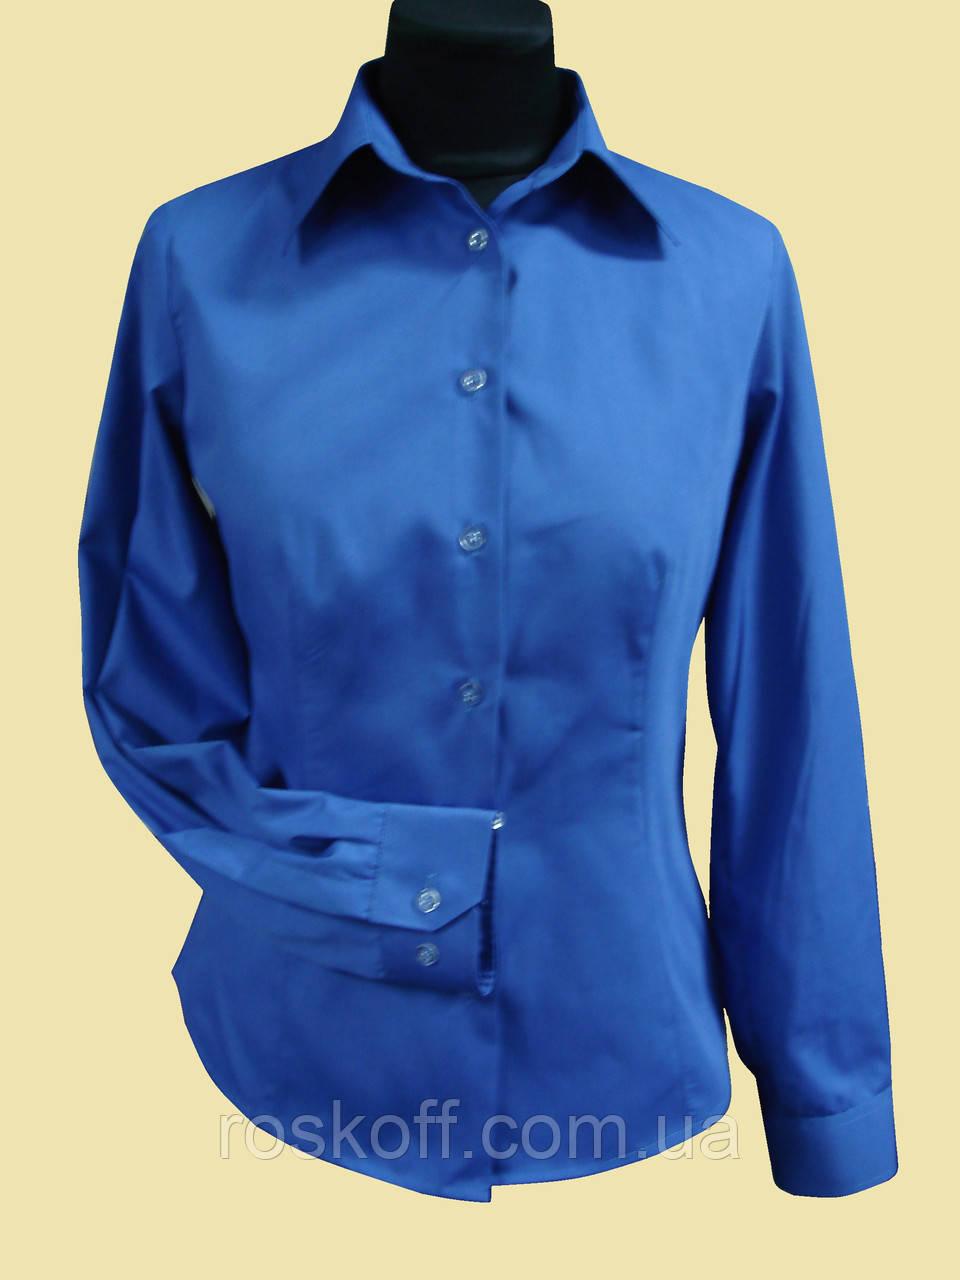 Женская блузка на длинный рукав   синего цвета